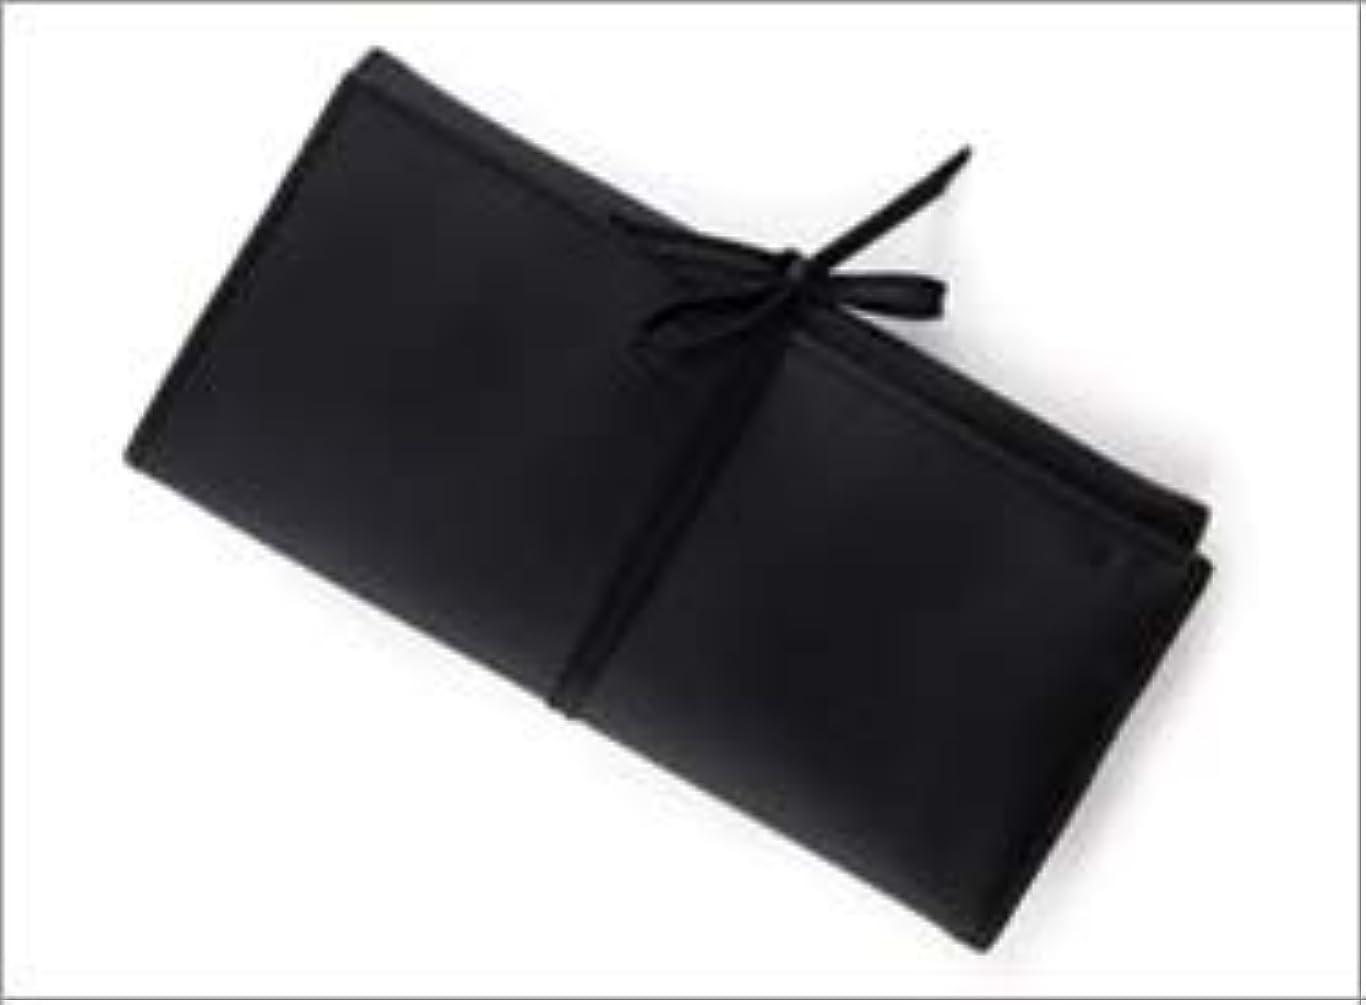 質量振るう振るう熊野筆 竹宝堂 正規品 ブラシケース(化粧ポーチ) C-24 材質:ナイロン(三つ折り) 広島 化粧筆